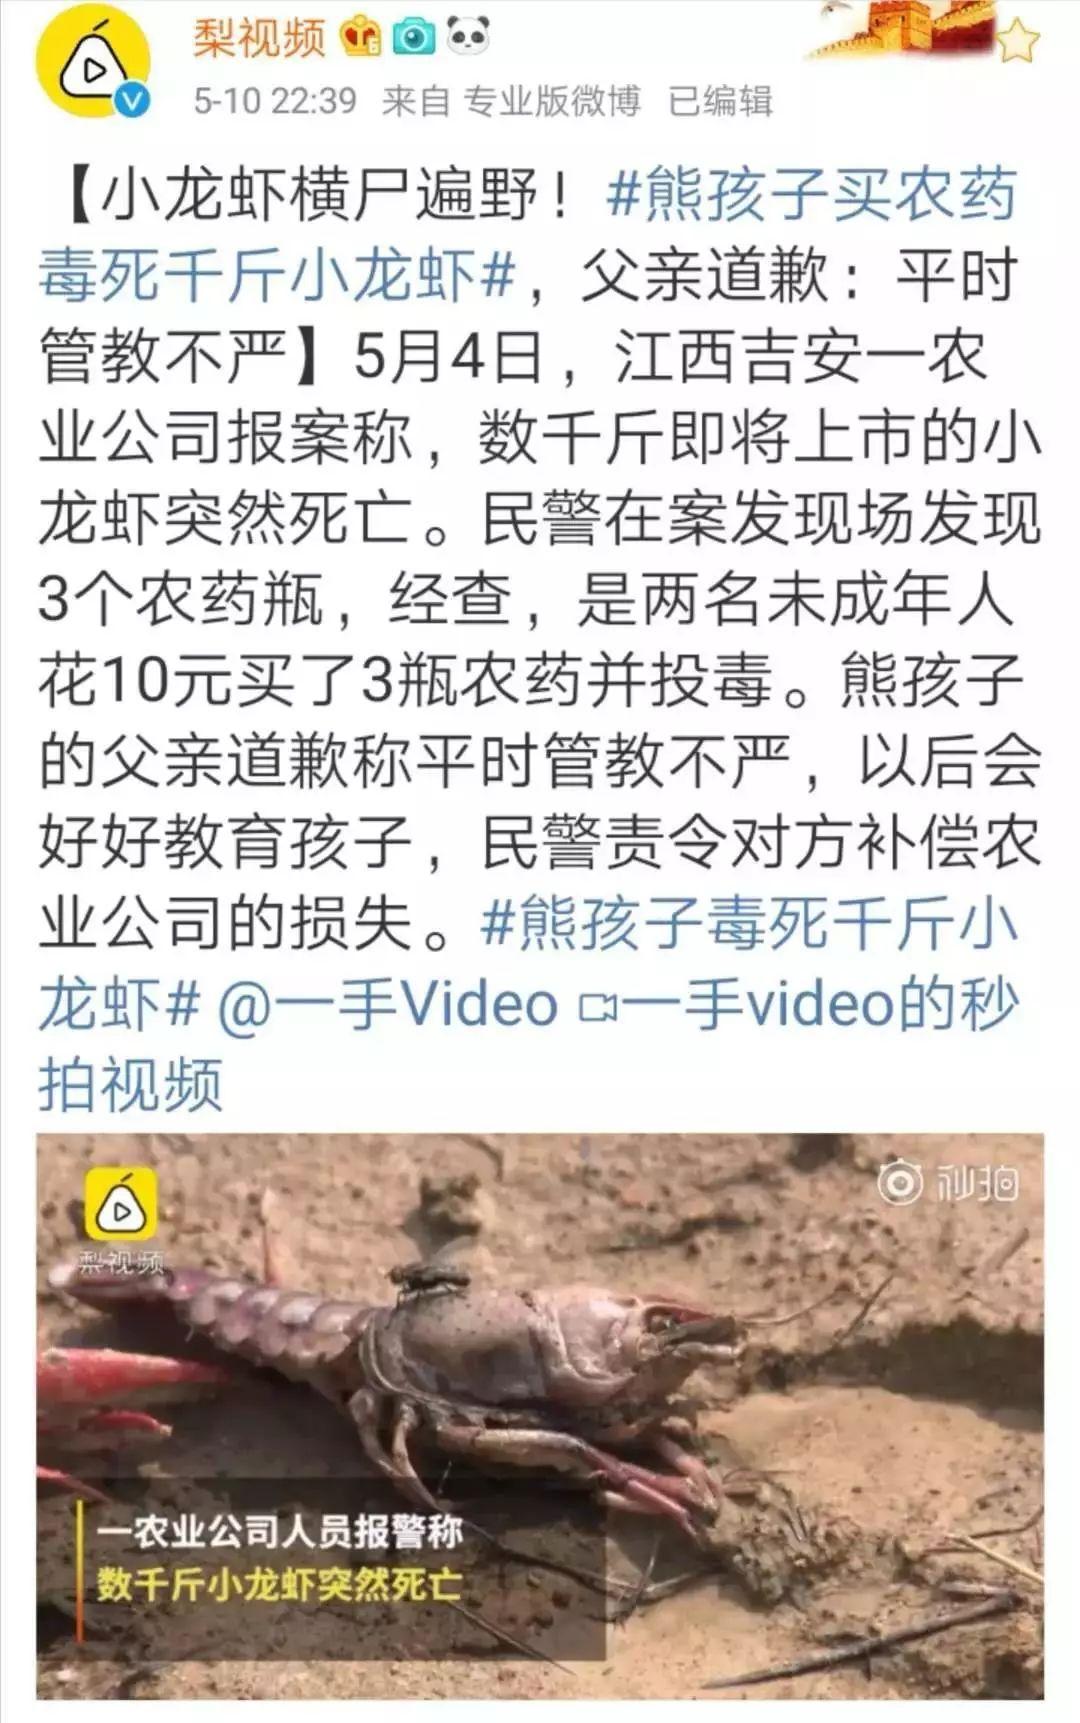 2个熊孩子毒死上千斤龙虾:一句「他还是个孩子」,害了多少人!